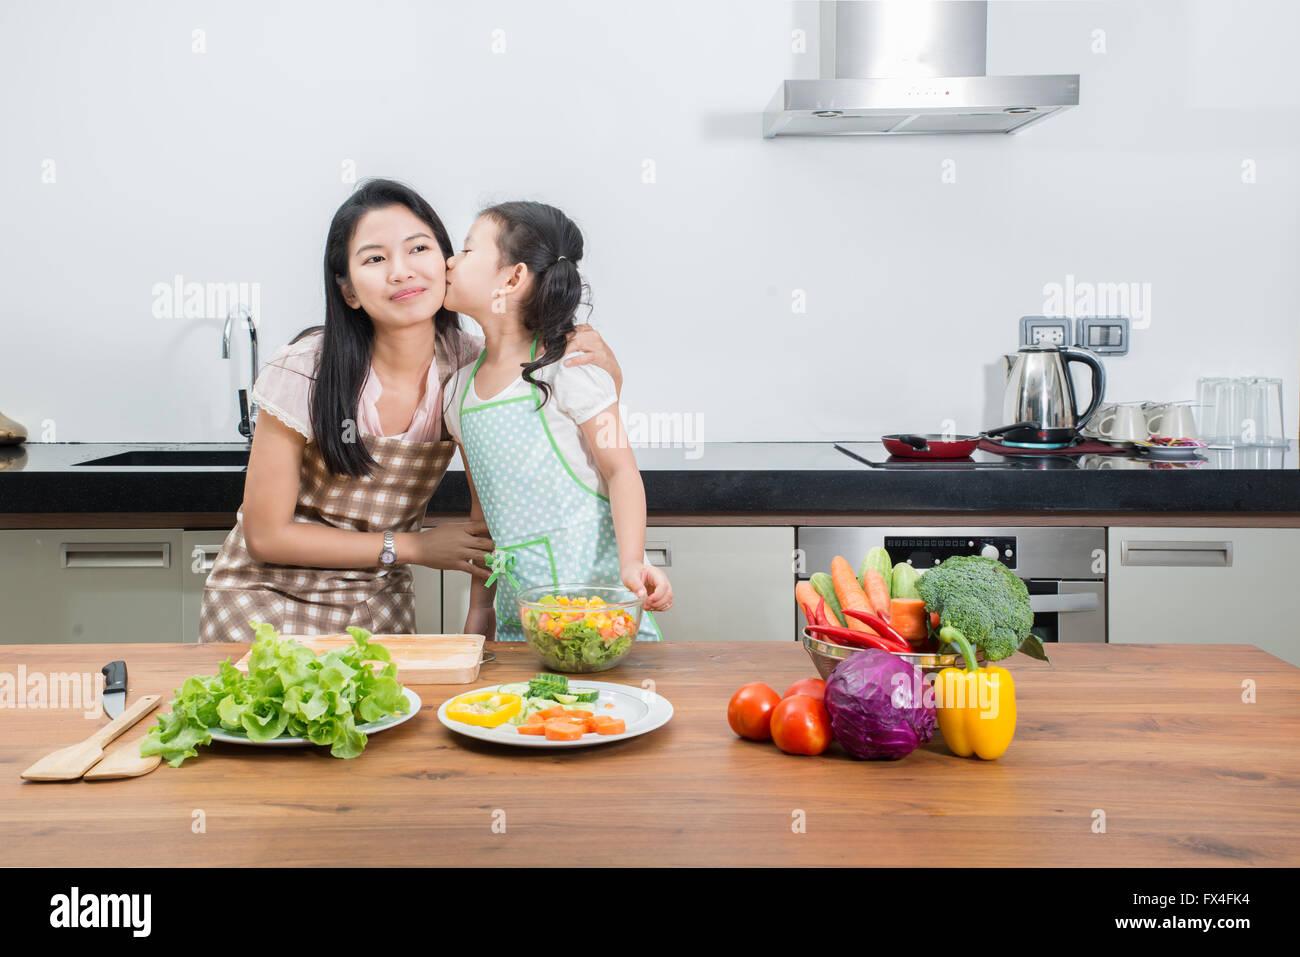 Familie, Kinder und glückliche Menschen Konzept - Asiatisch Kochen in der Küche zu Hause Tochter von Mutter Stockbild